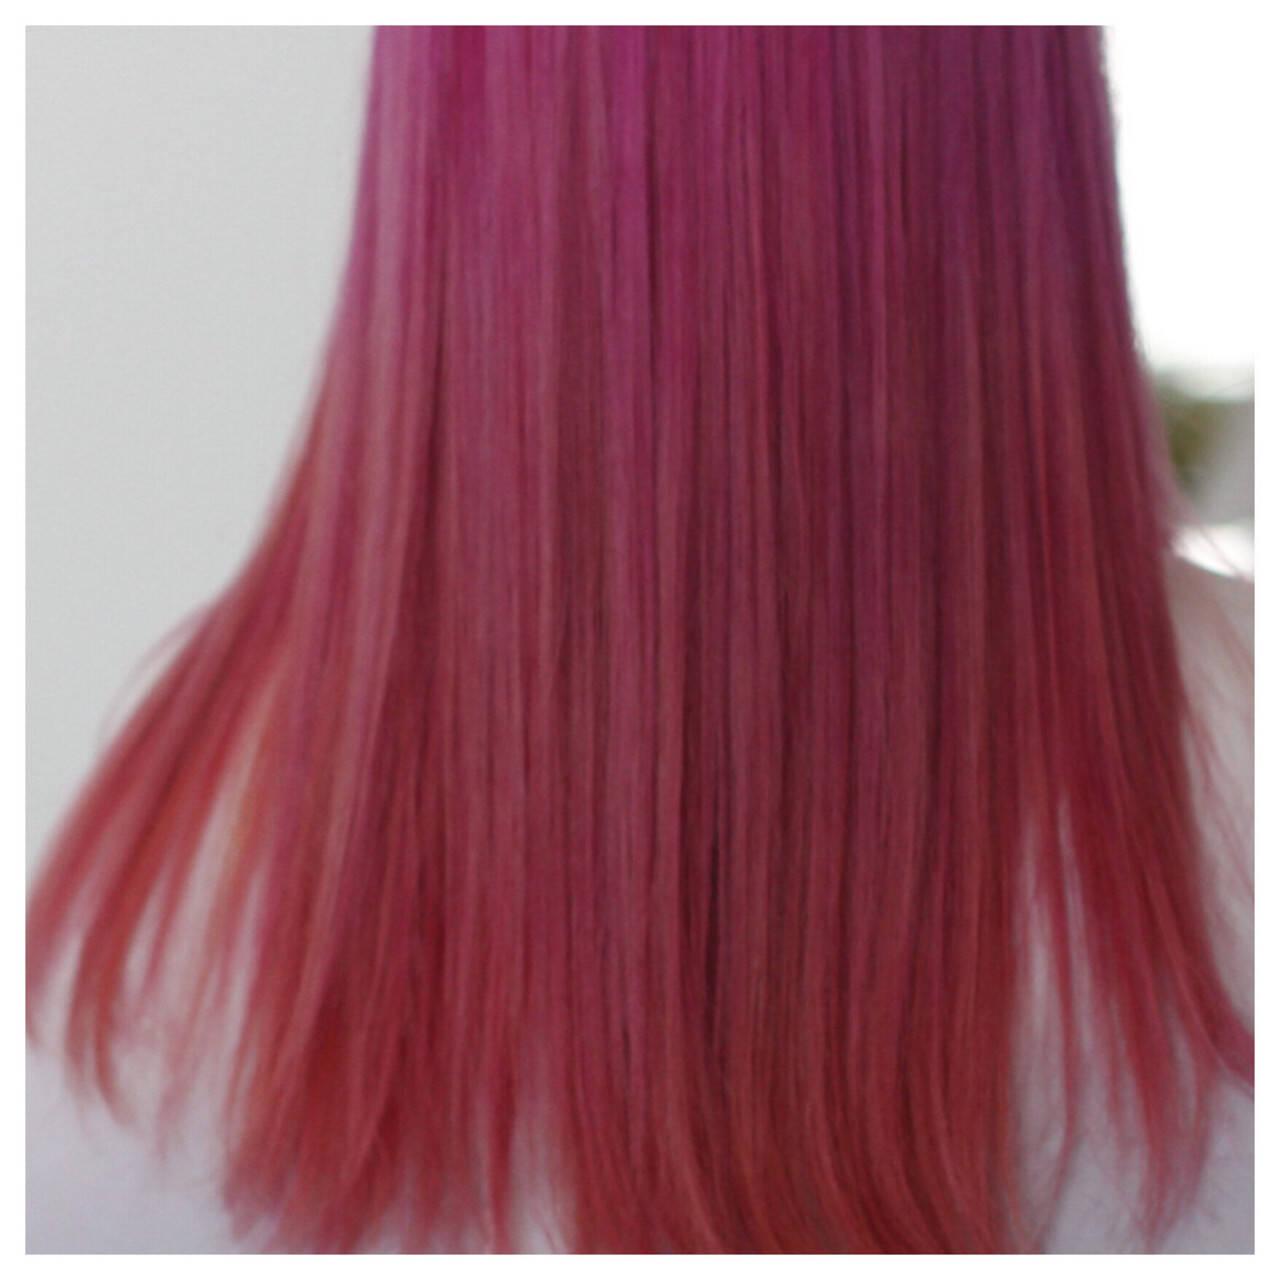 グラデーションカラー セミロング ストリート ピンクヘアスタイルや髪型の写真・画像